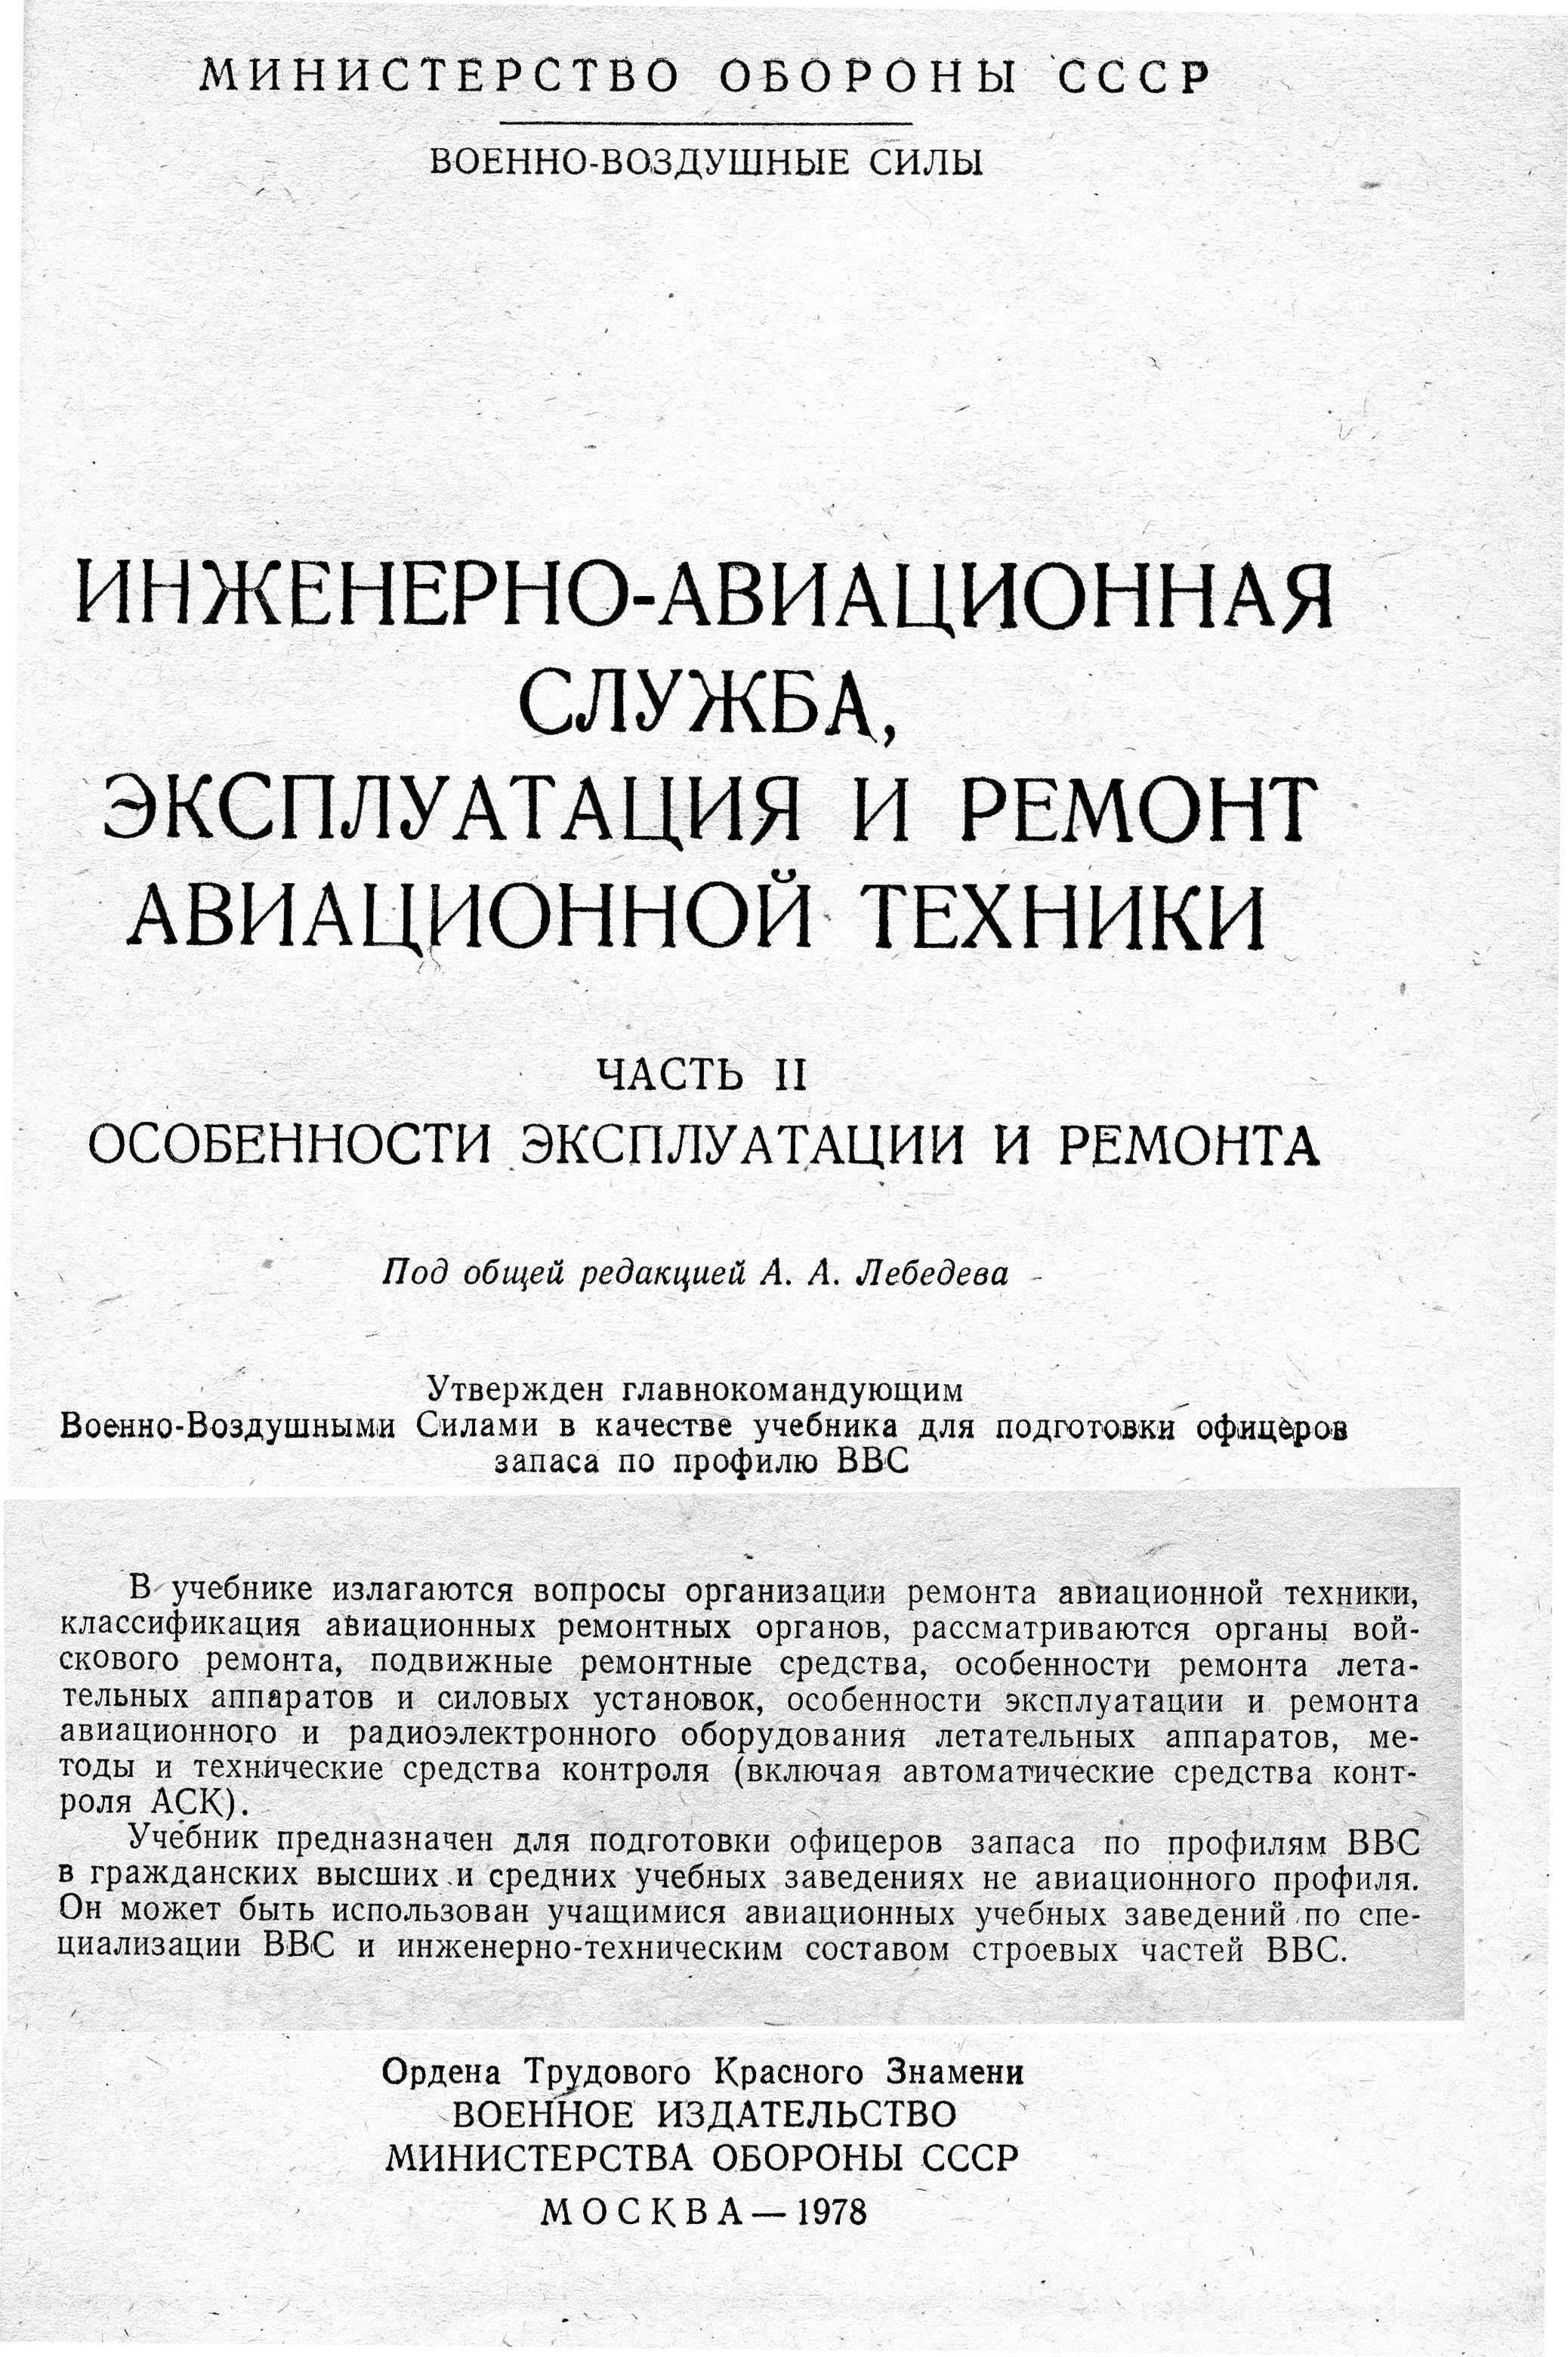 Учебник по ремонту АТ ВВС 1978.jpg